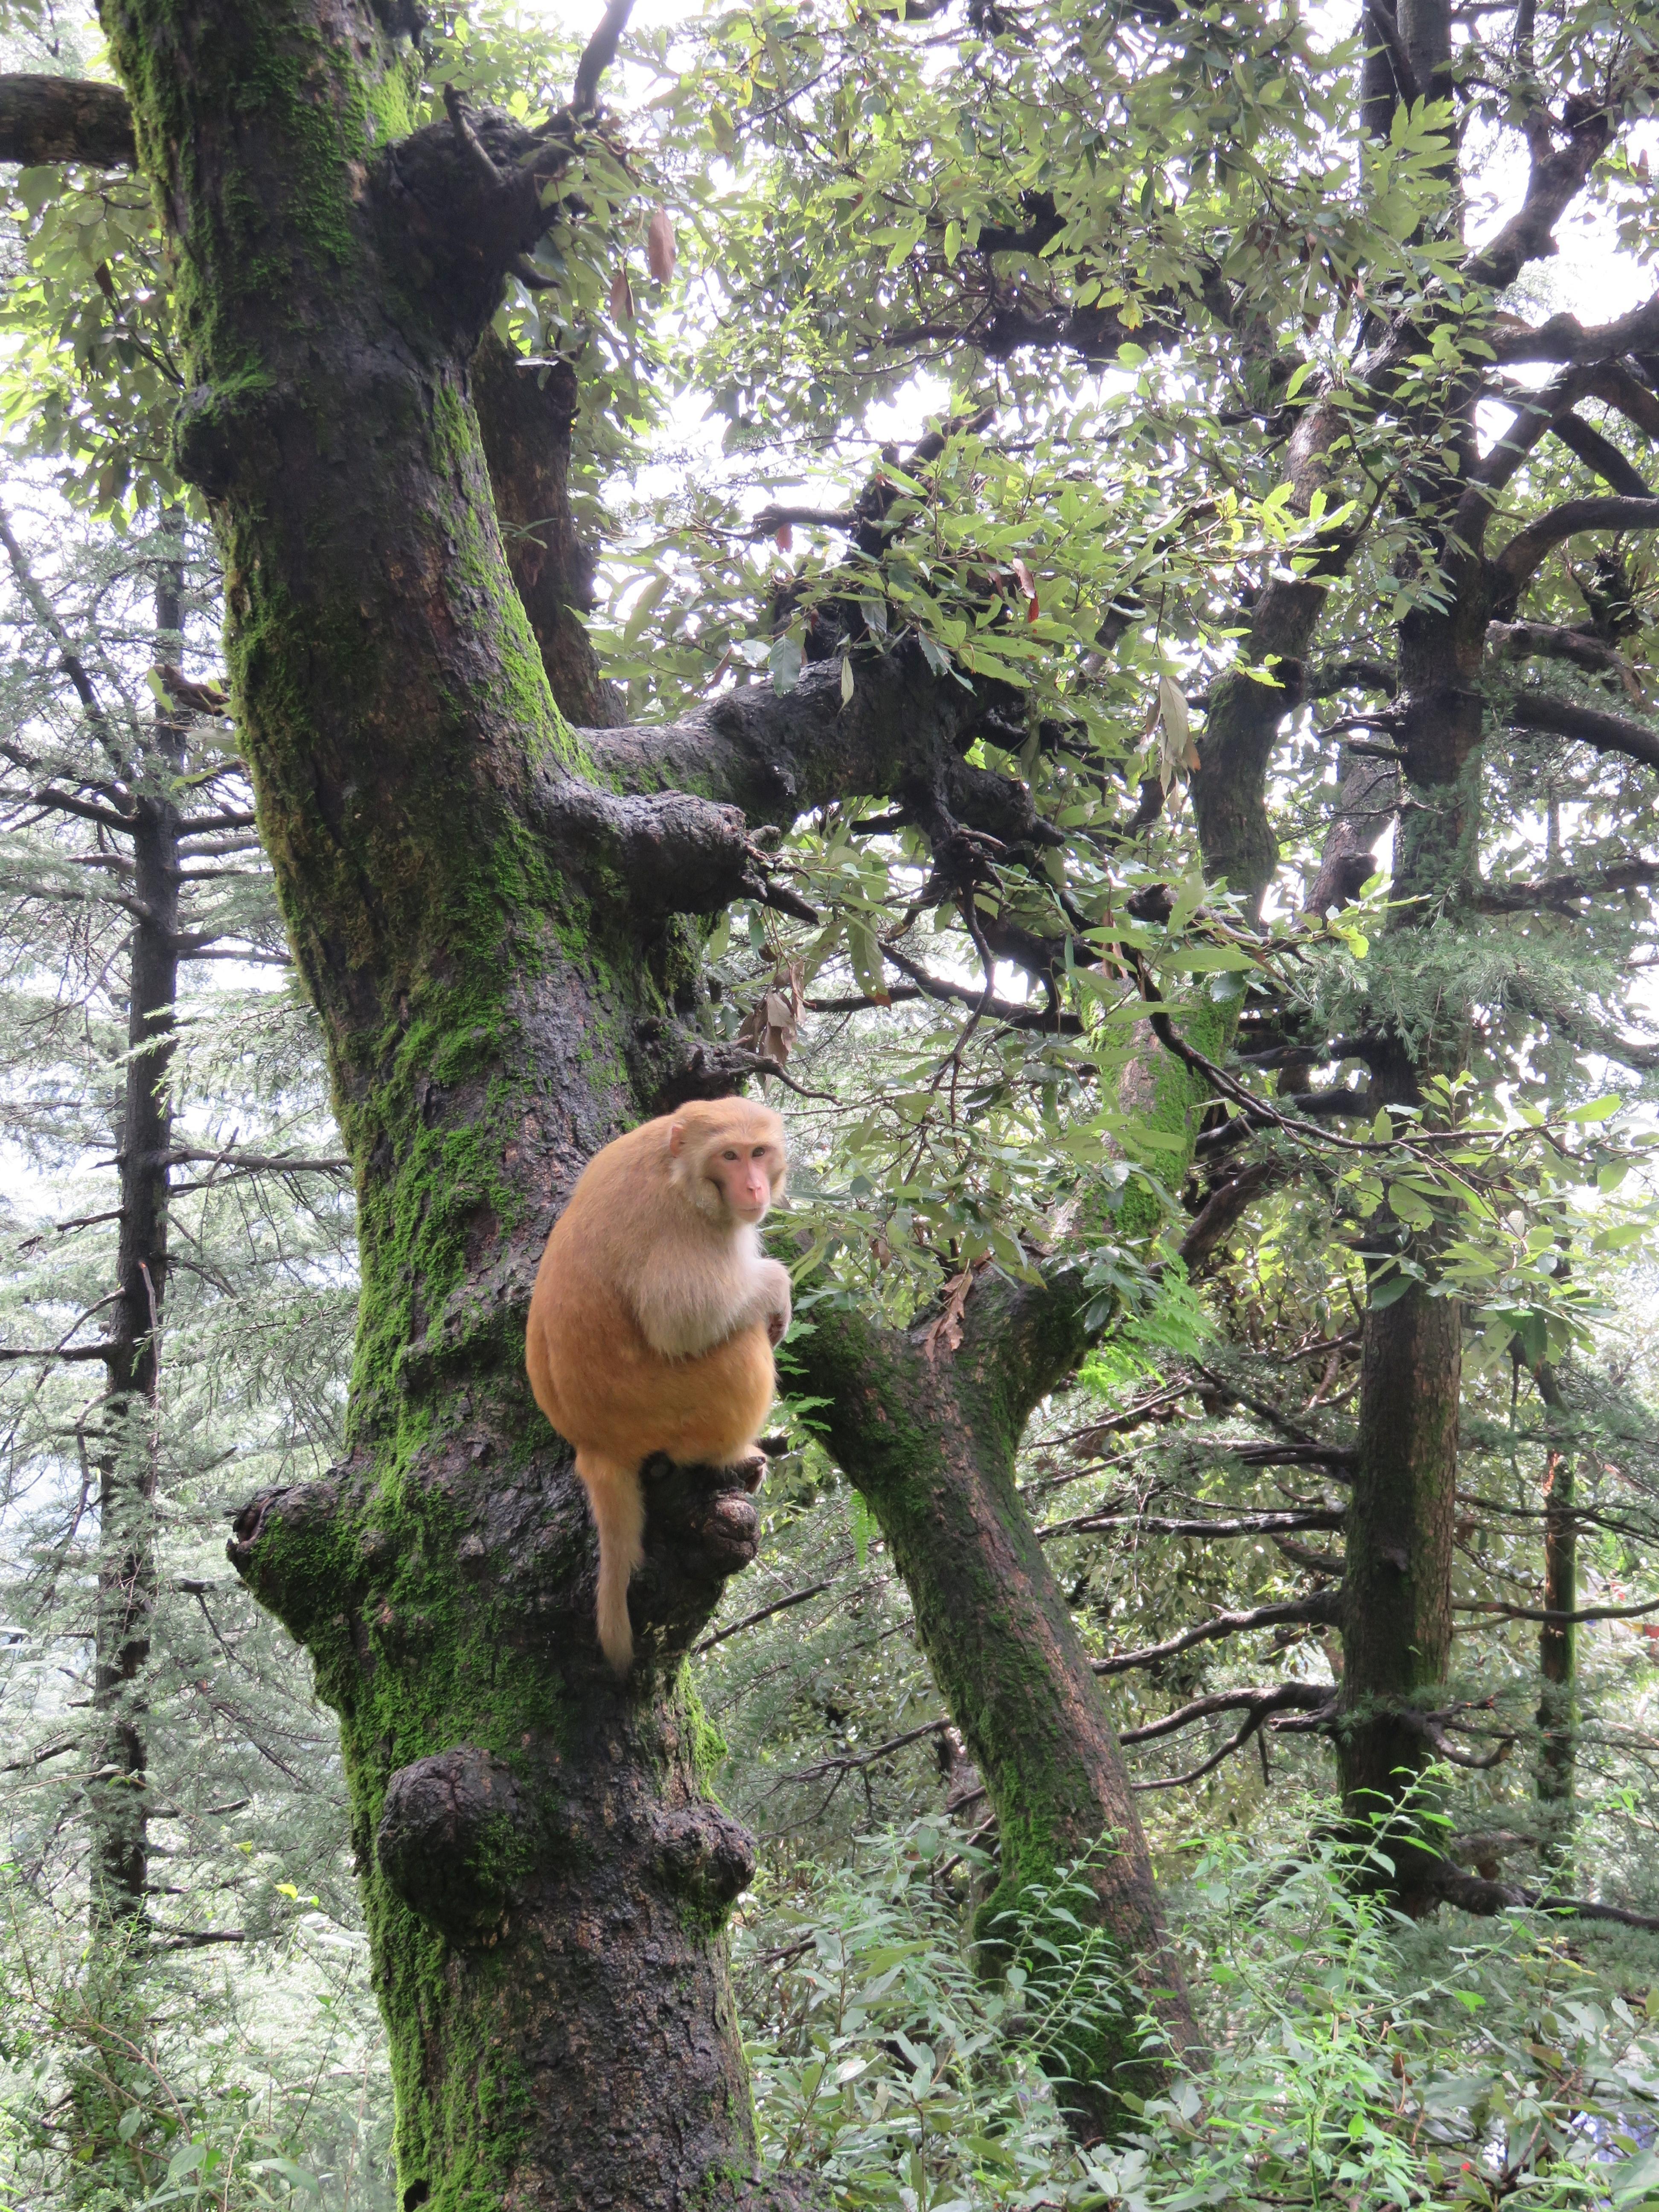 Monkey, Dharamsala-2016-Chemins et découverte